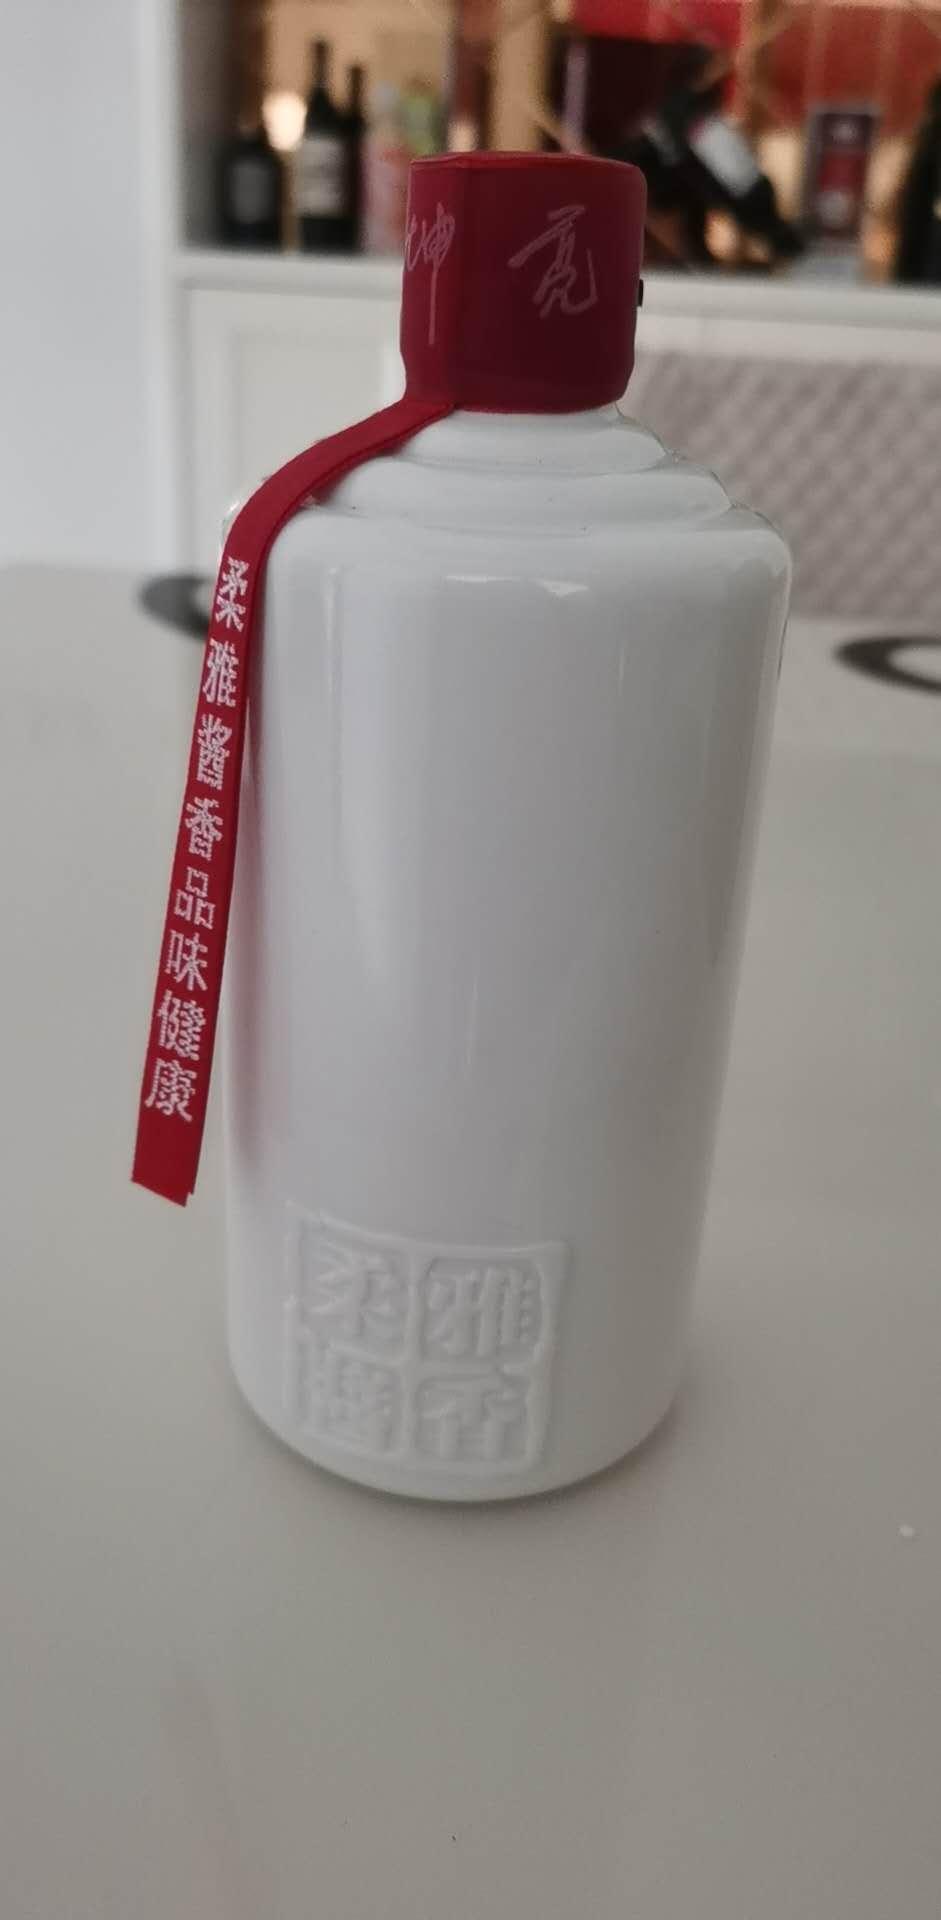 �u酒大��郭坤亮�u香白酒